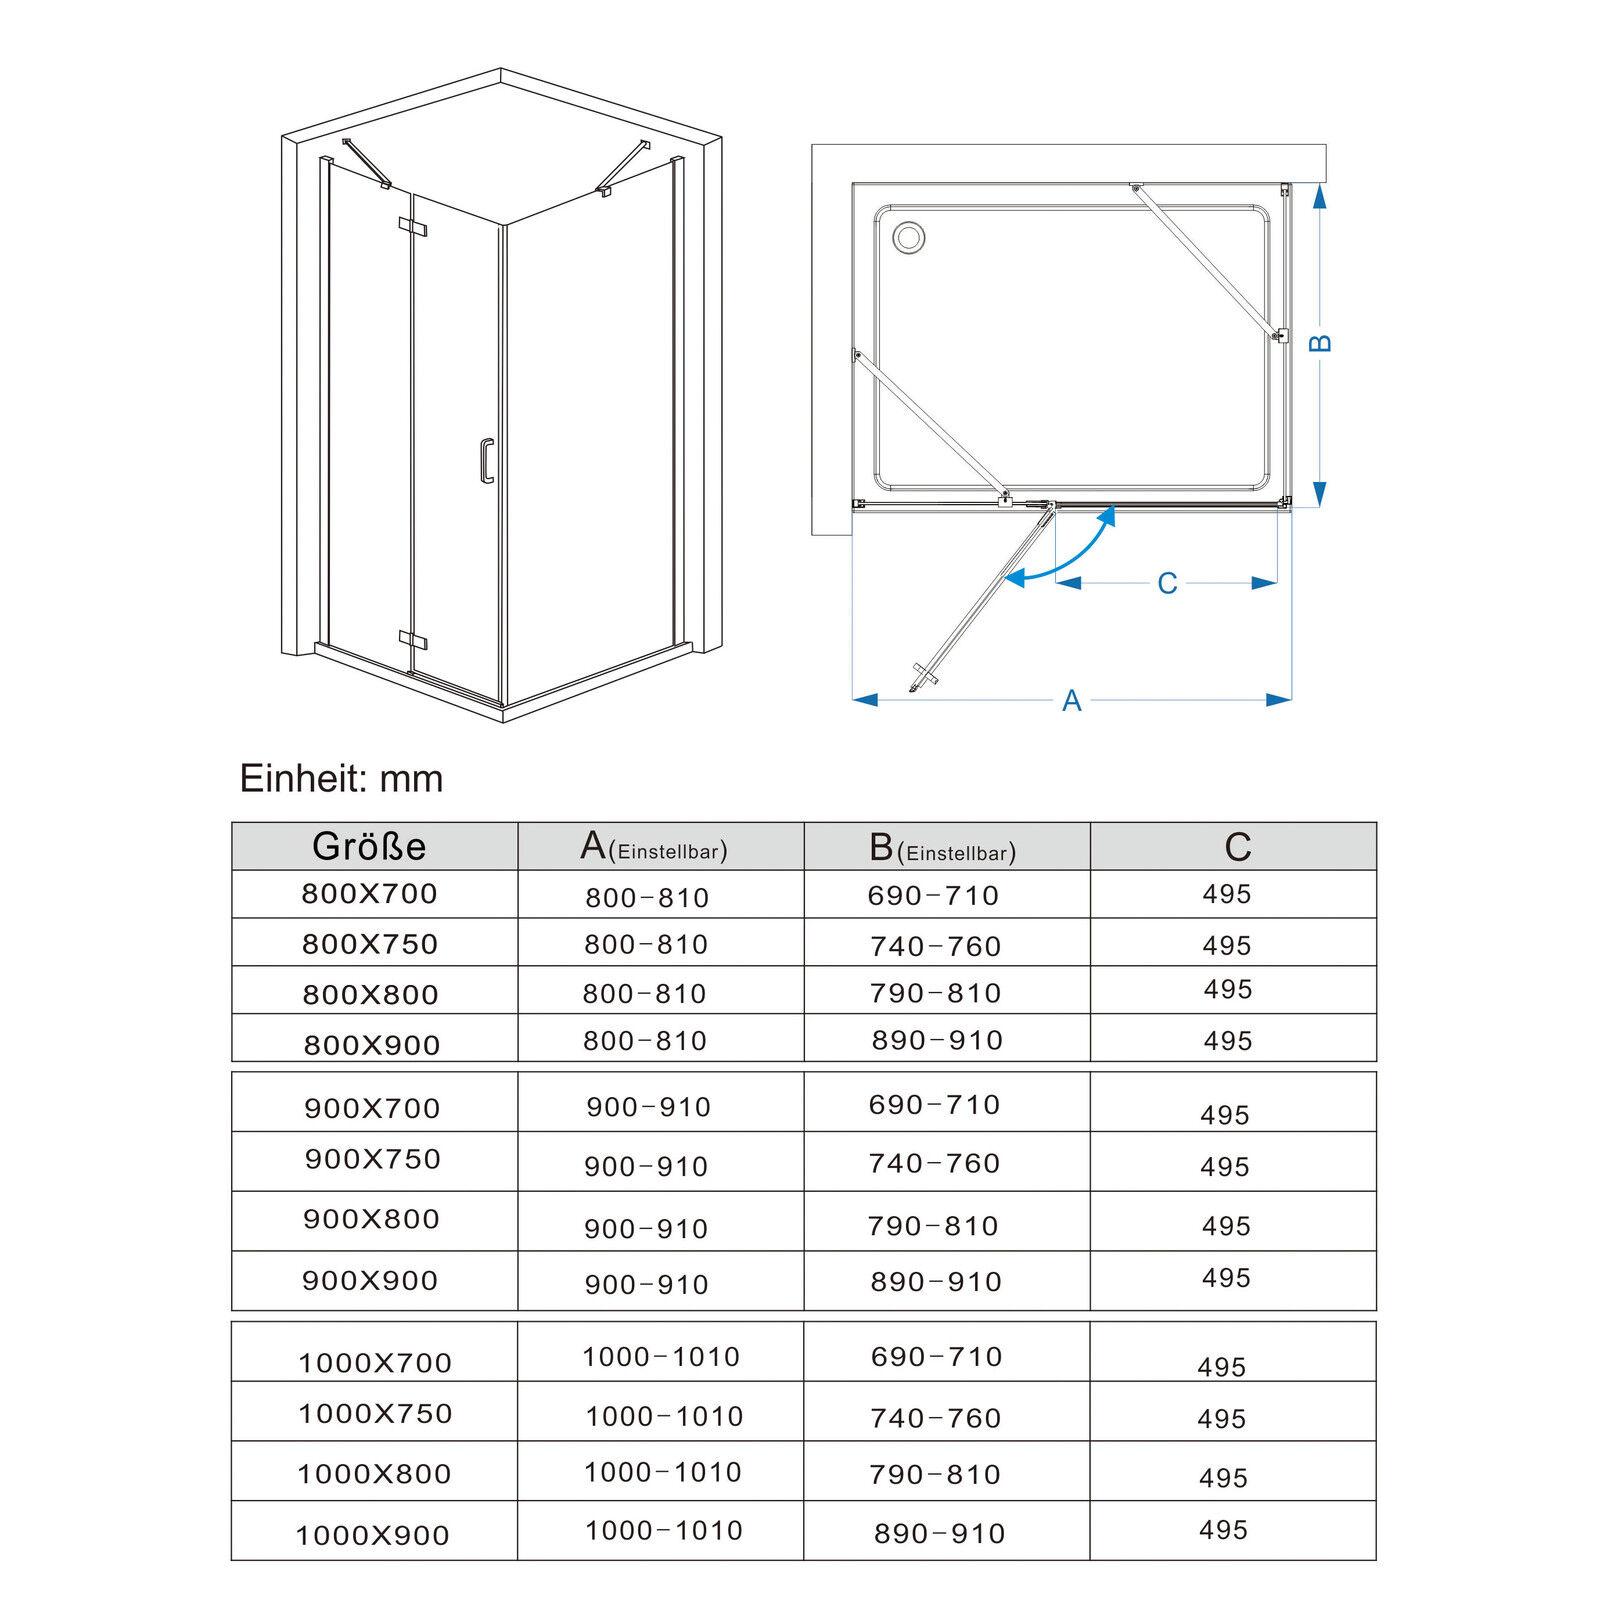 Dusche Eckeinstieg Faltt?r : Duschkabine Eckeinstieg Dusche Faltt?r Duschwand mit Seitenwand 90×90